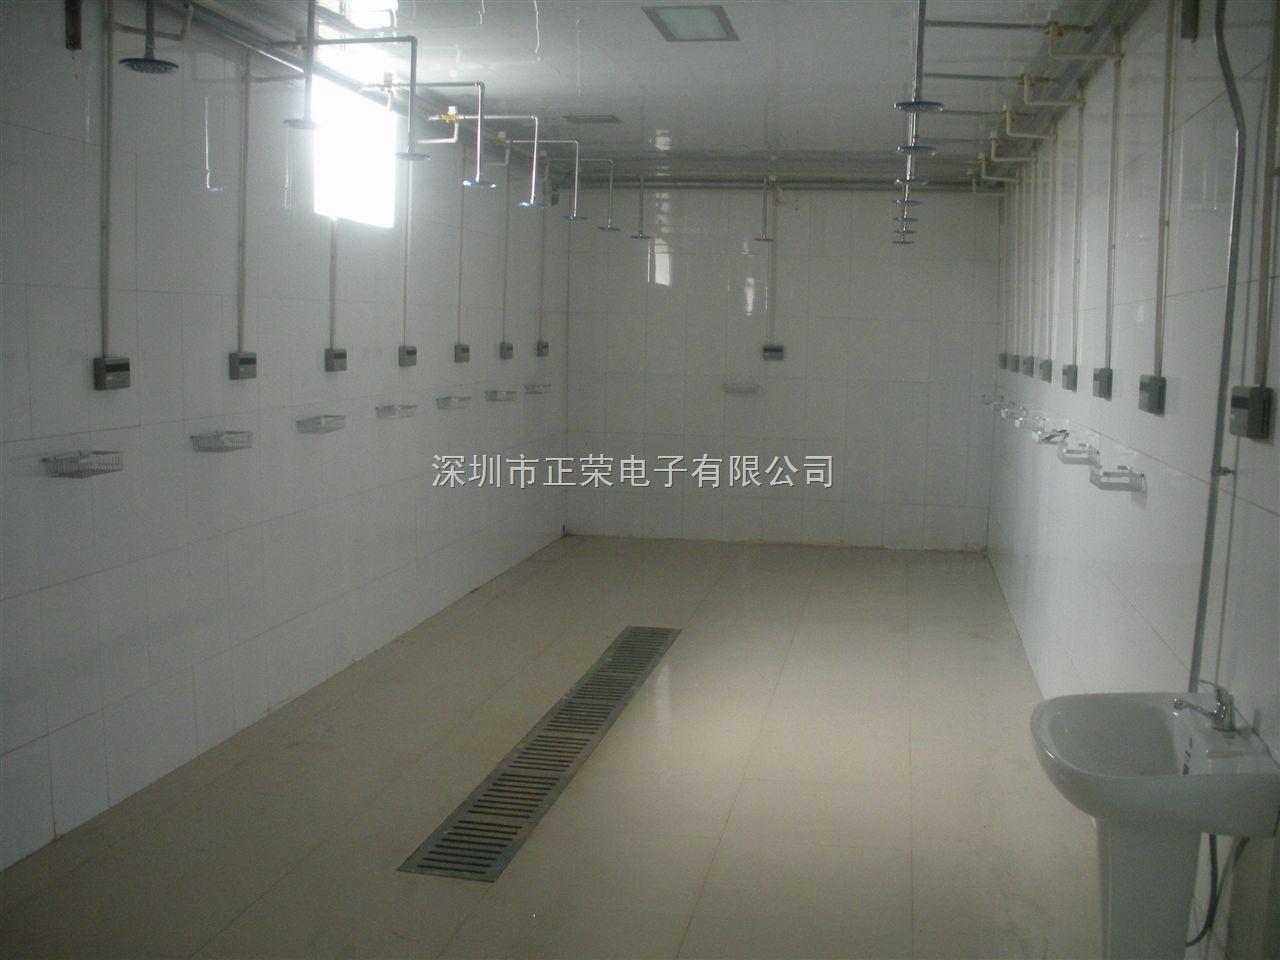 澡堂刷卡系統